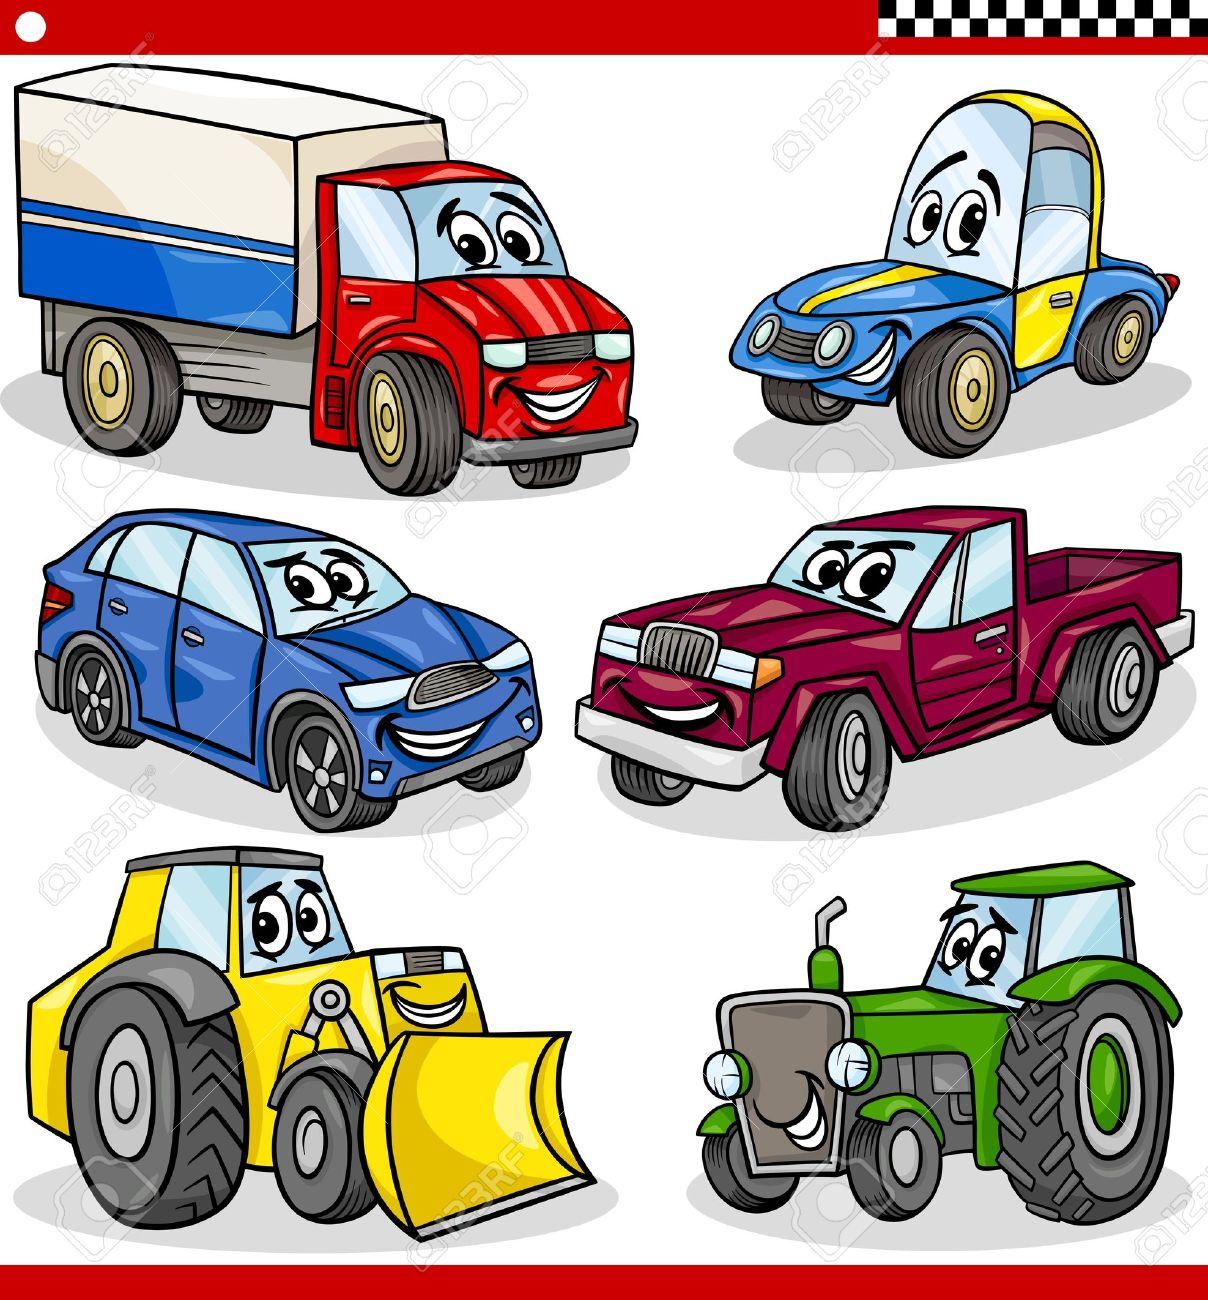 Ilustración De Dibujos Animados De Coches Y Camionetas De Vehículos Y Máquinas Personajes Comic Set Para Niños